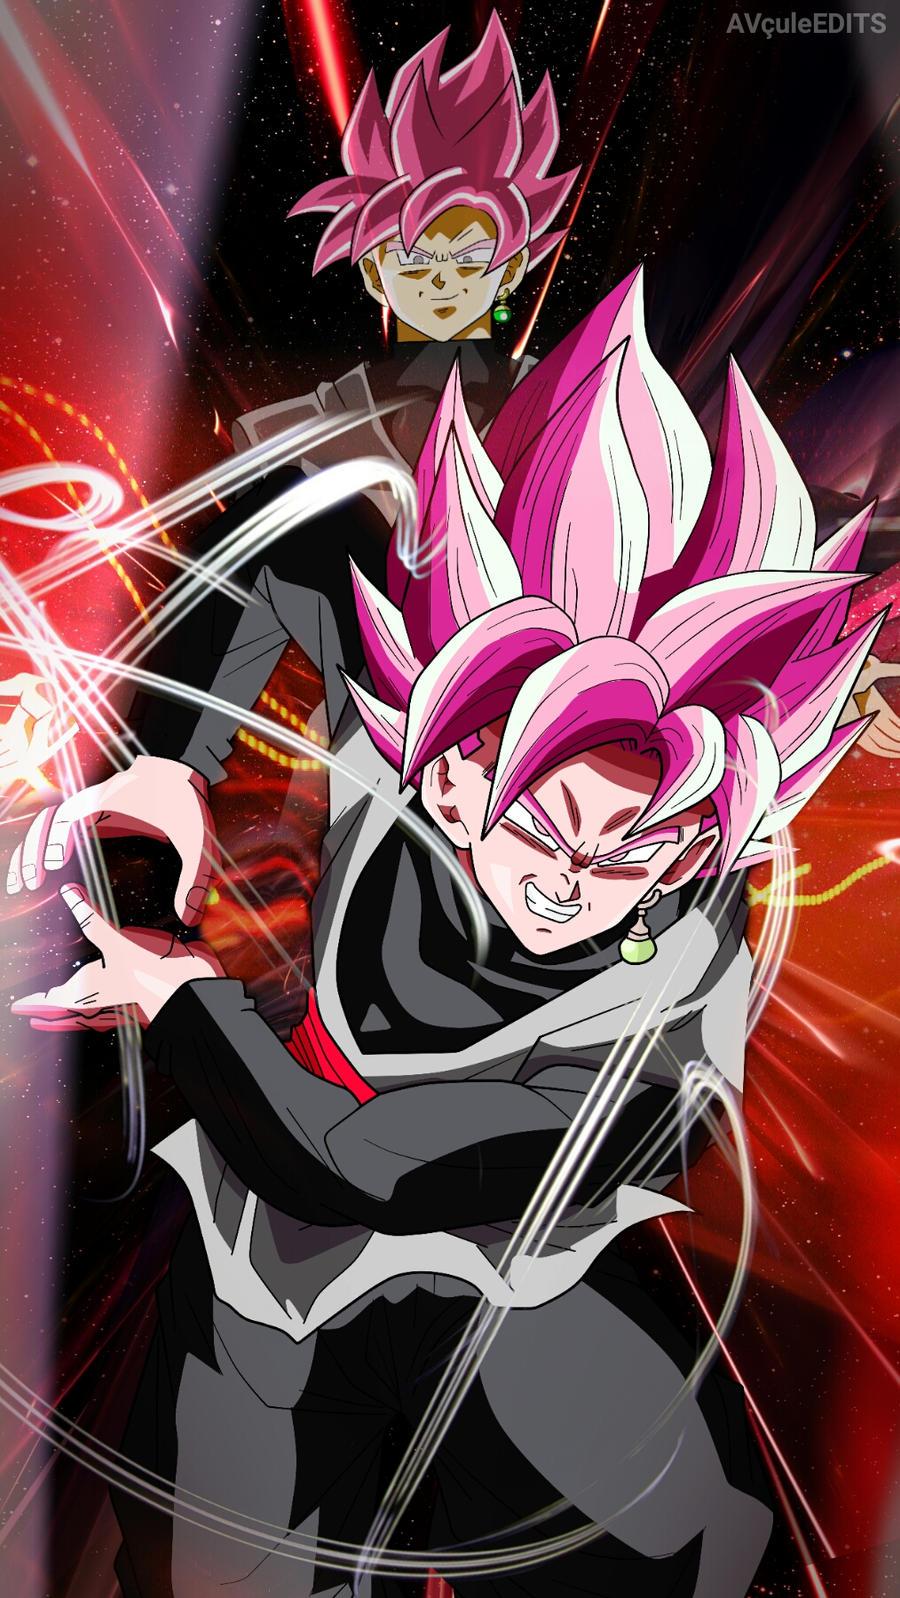 Goku black ssj rose by abhinavthecule on deviantart - Super saiyan rose wallpaper ...